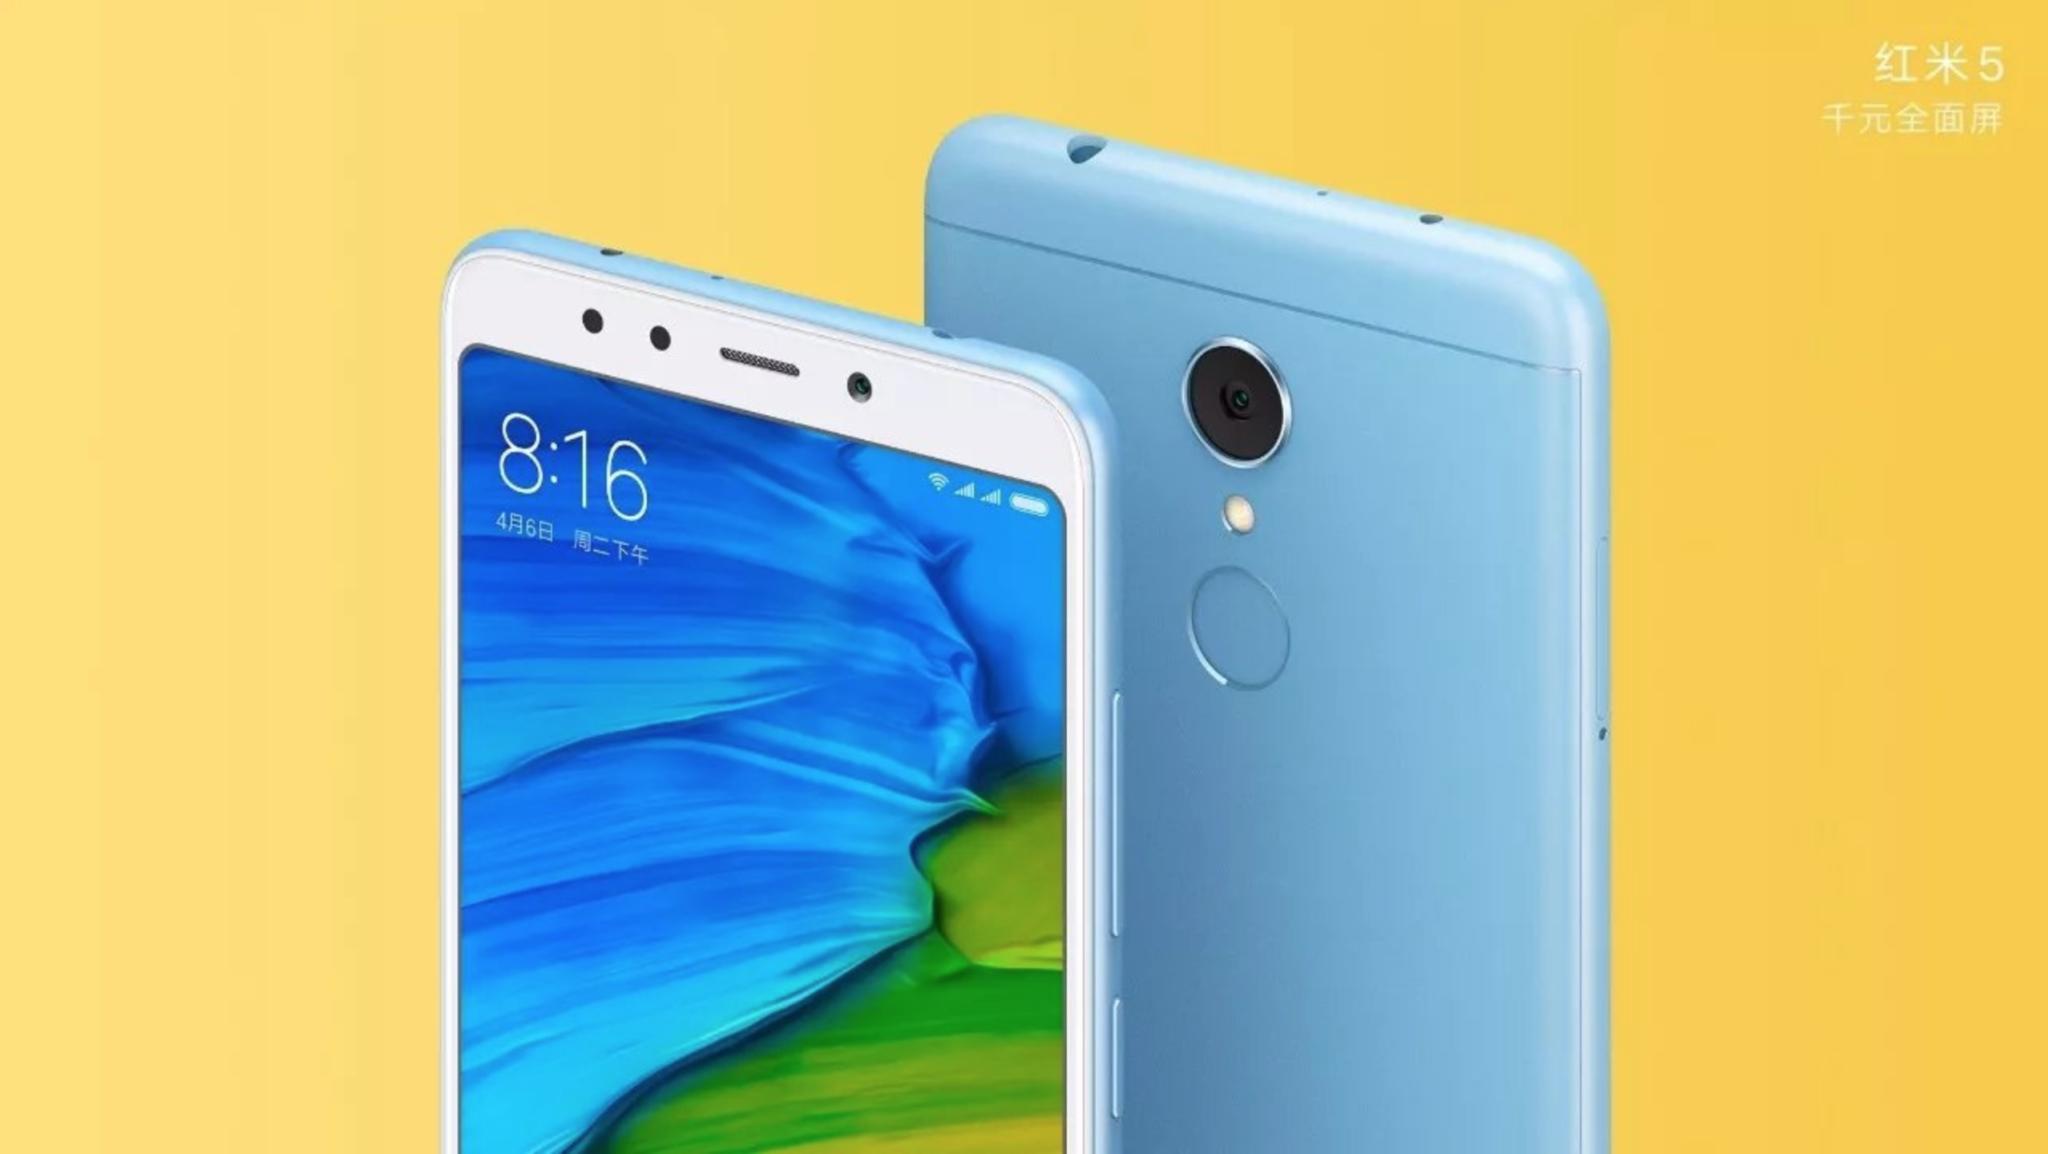 Xiaomi tento týden představí modely Redmi 5 a Redmi 5 Plus